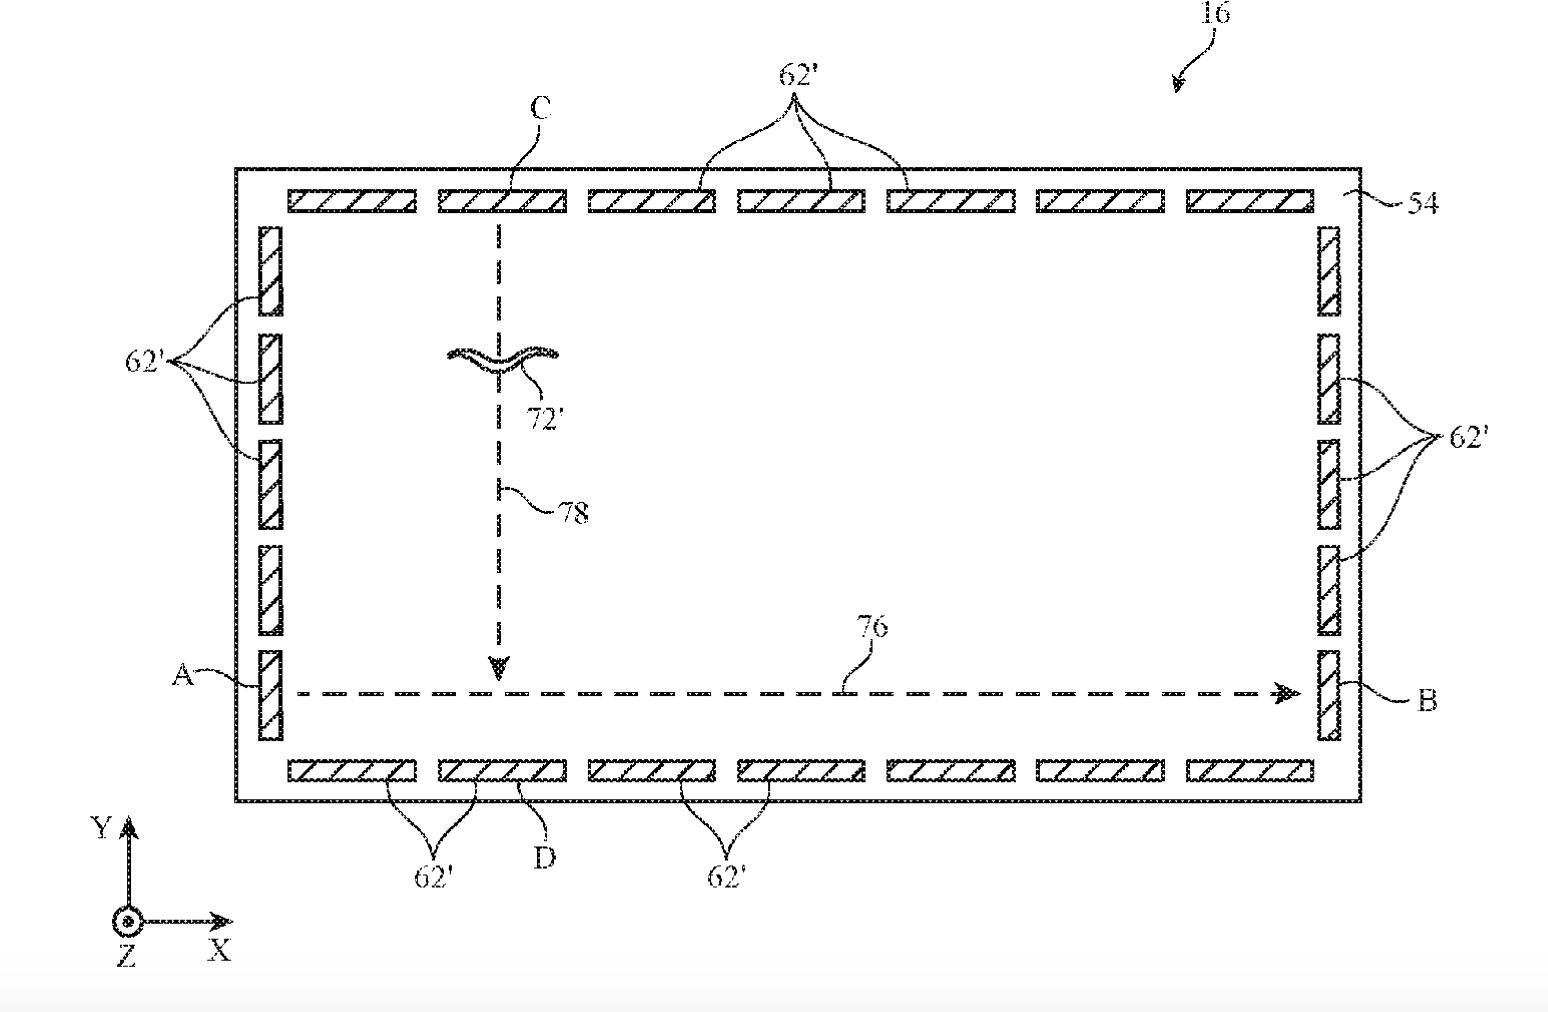 Patent Apple opisujący wykrywanie uszkodzeń w szybach.